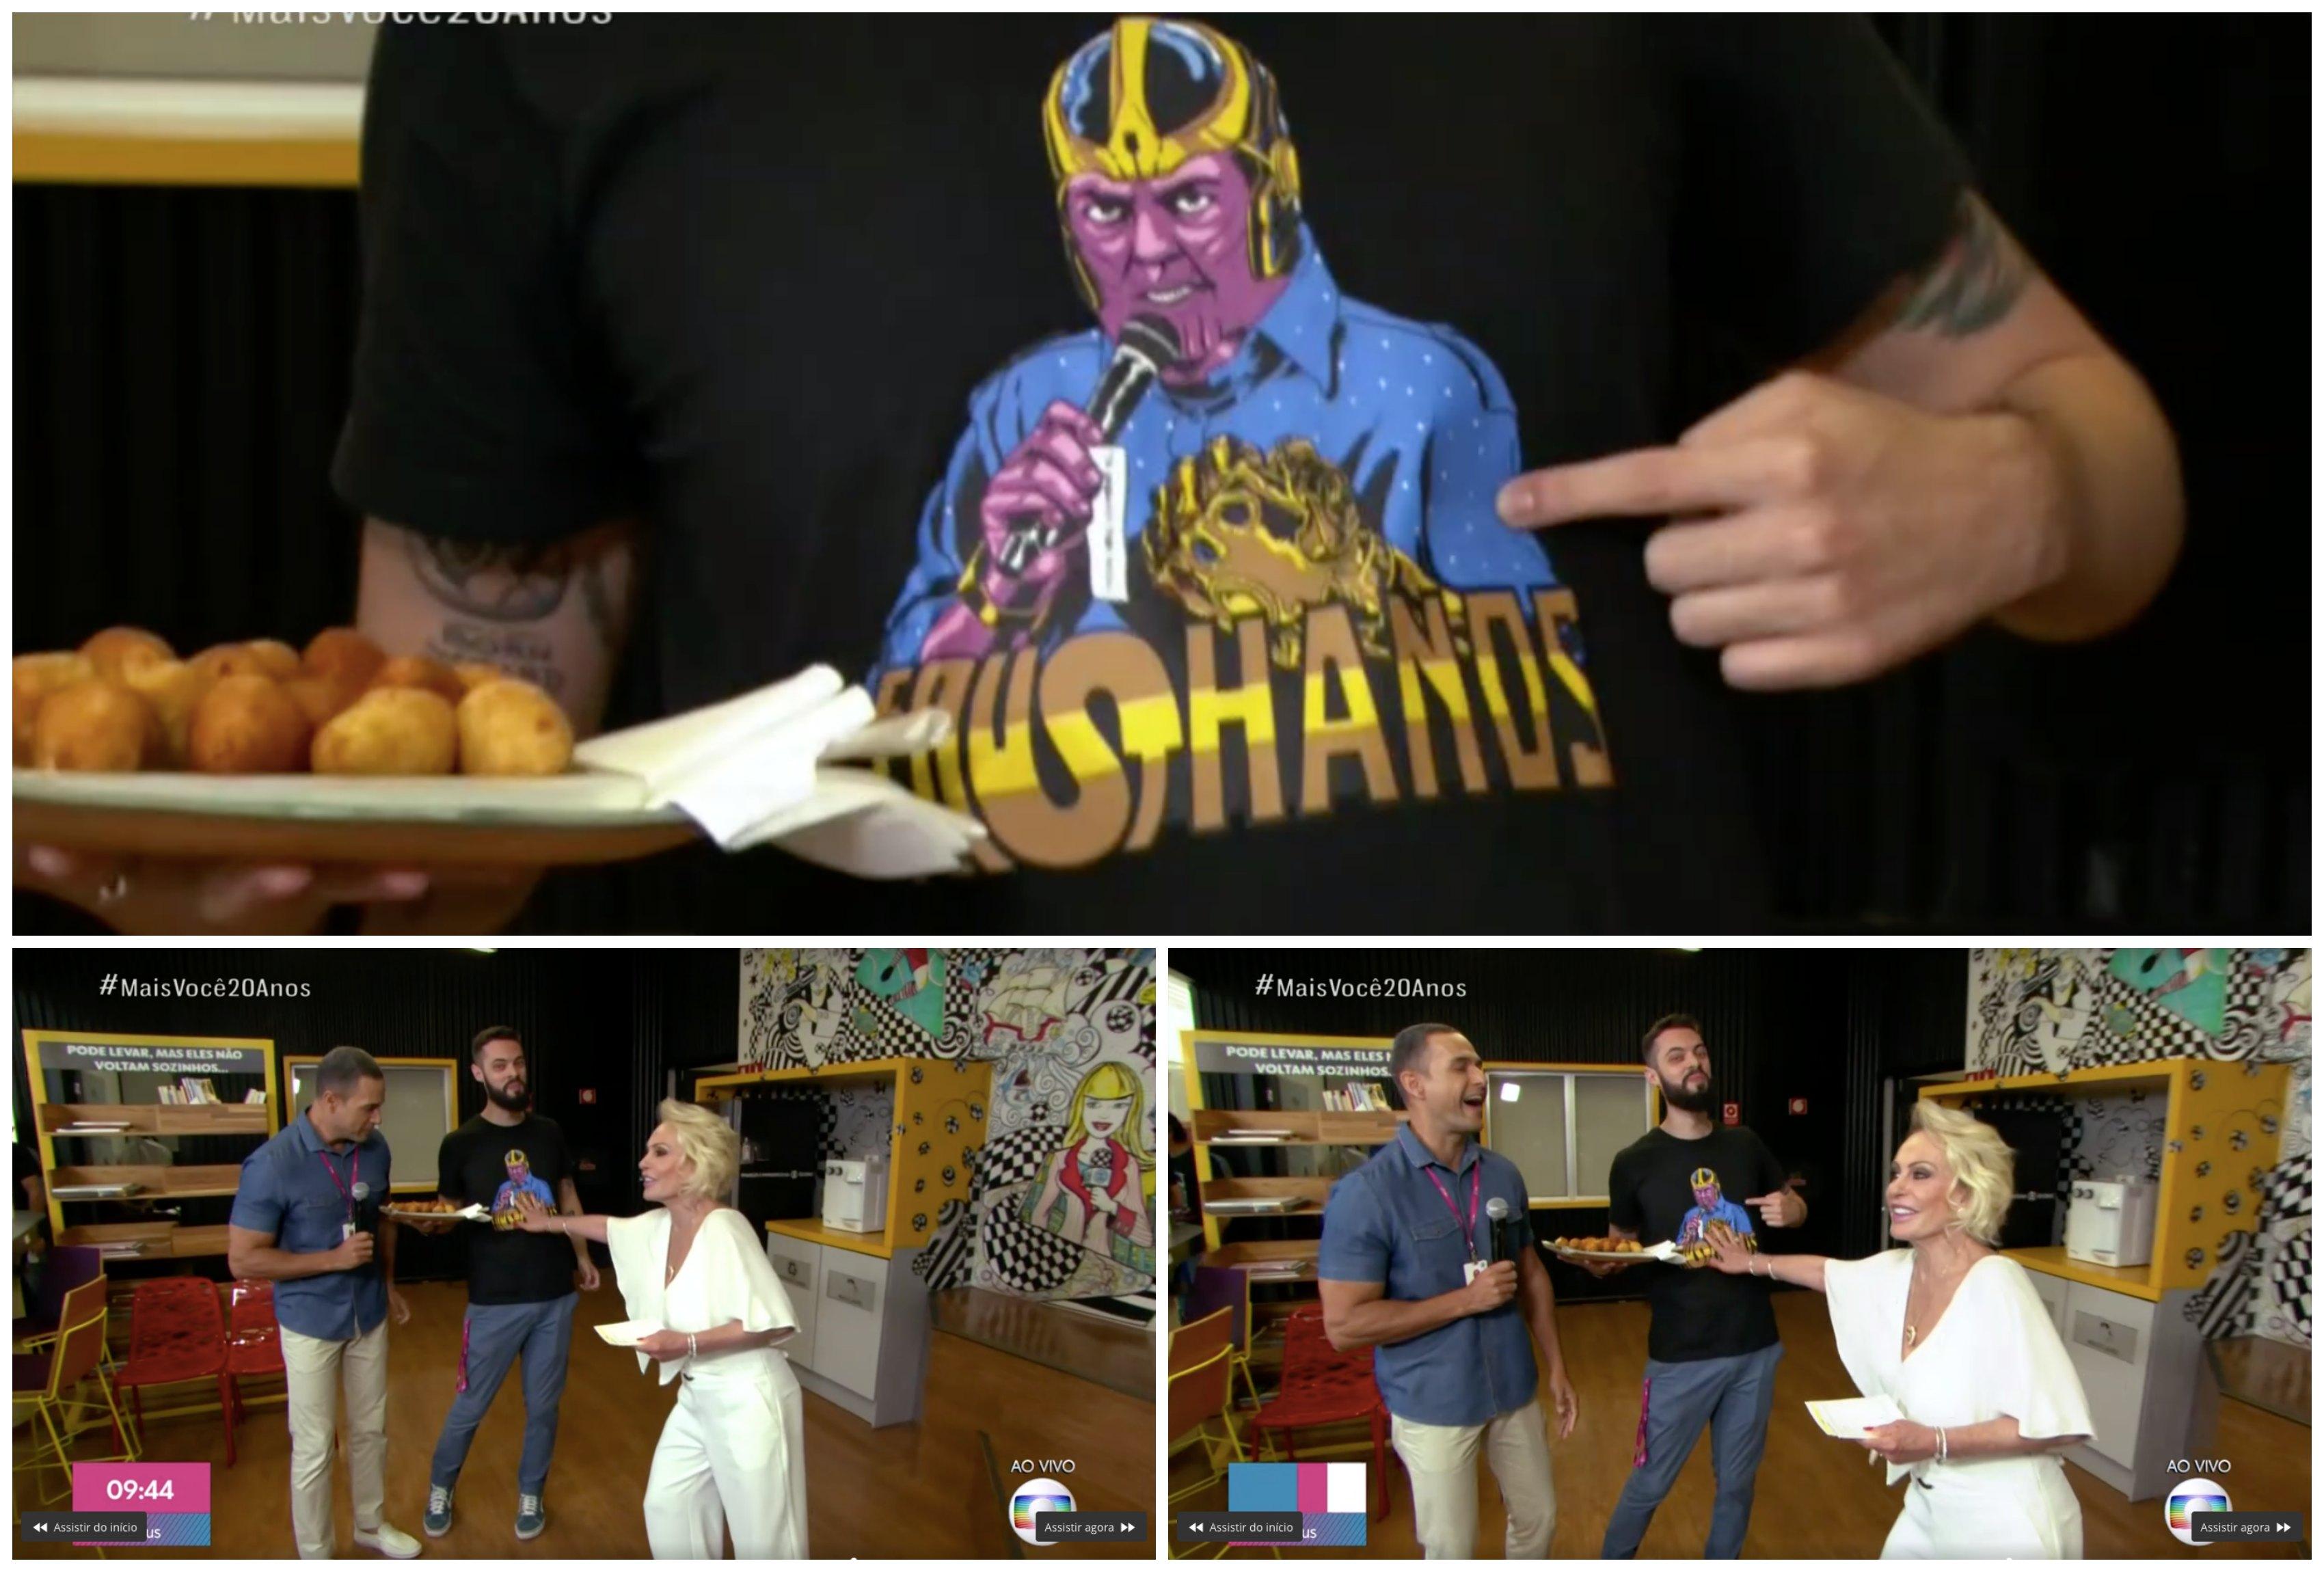 Ana Maria Braga, Cauê Fabiano e Felipe caem na gargalhada com o meme Fausthanos. Montagem: TV FOCO